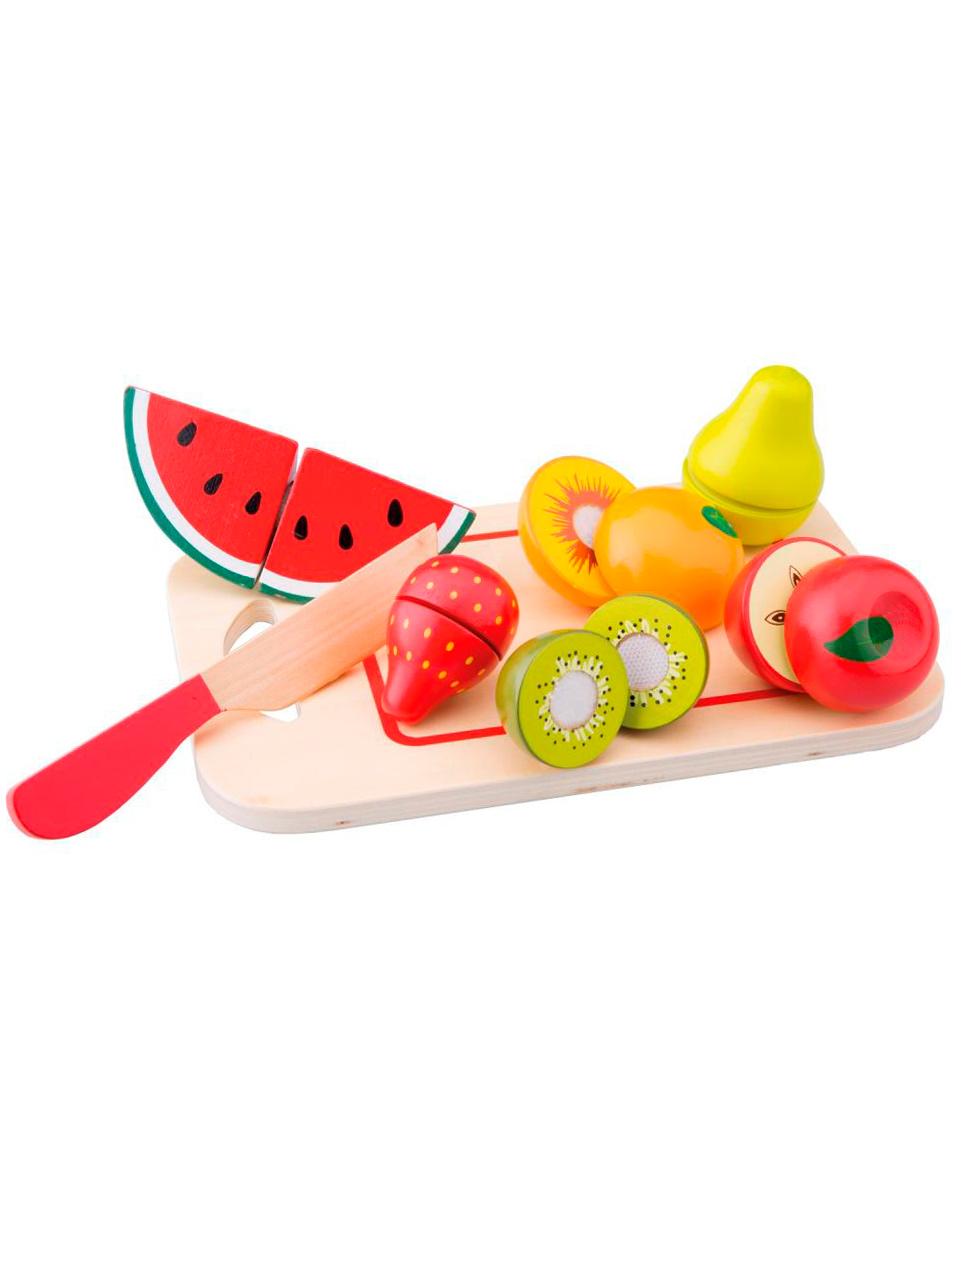 Купить 2220559, Игрушка New Classic Toys, зеленый, 7134529072446